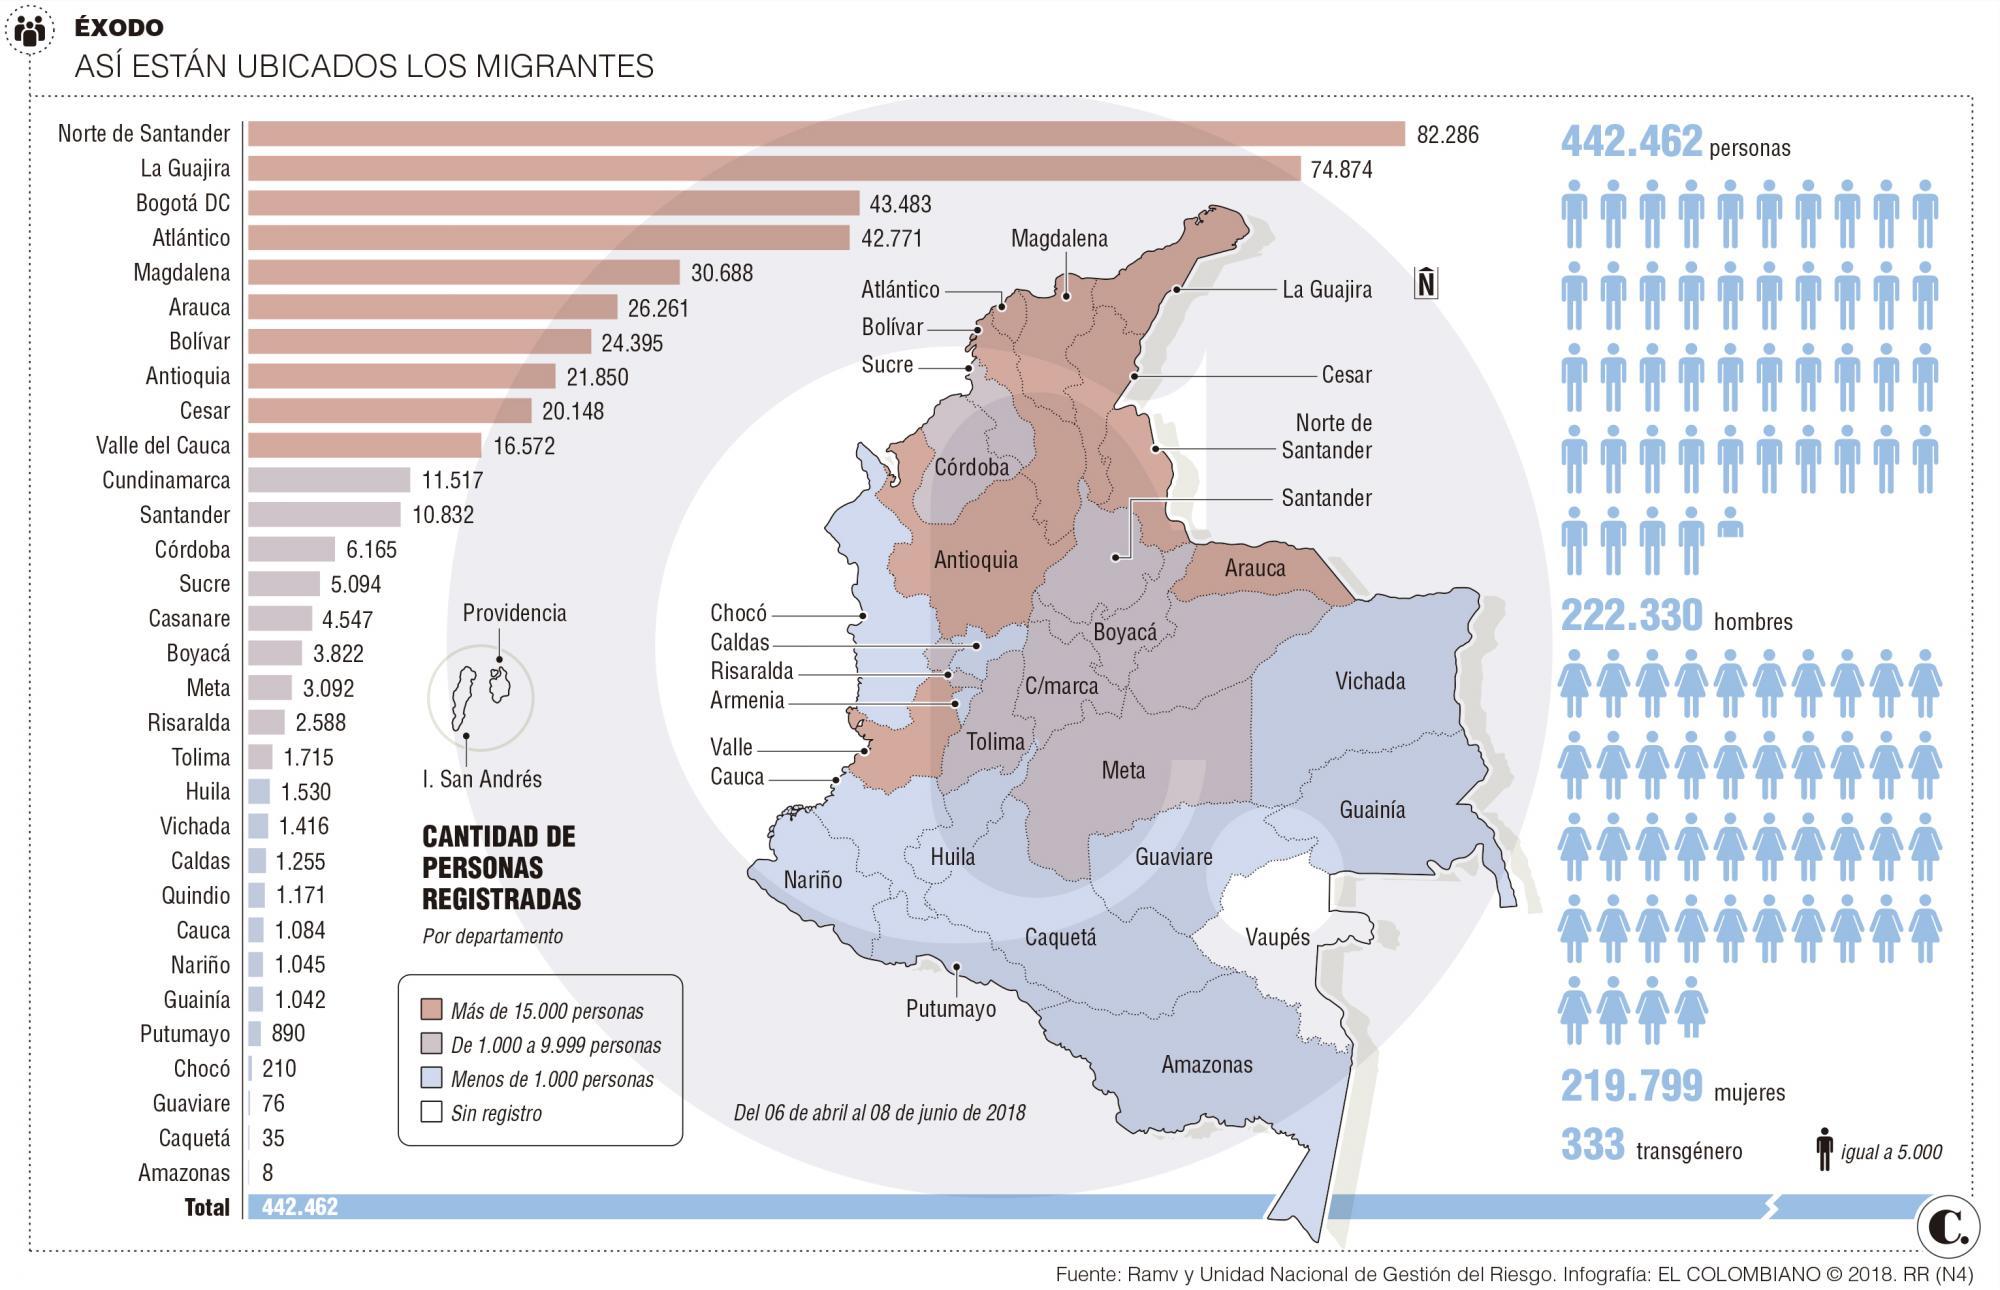 Censaron a 442.462 venezolanos y ¿ahora qué?